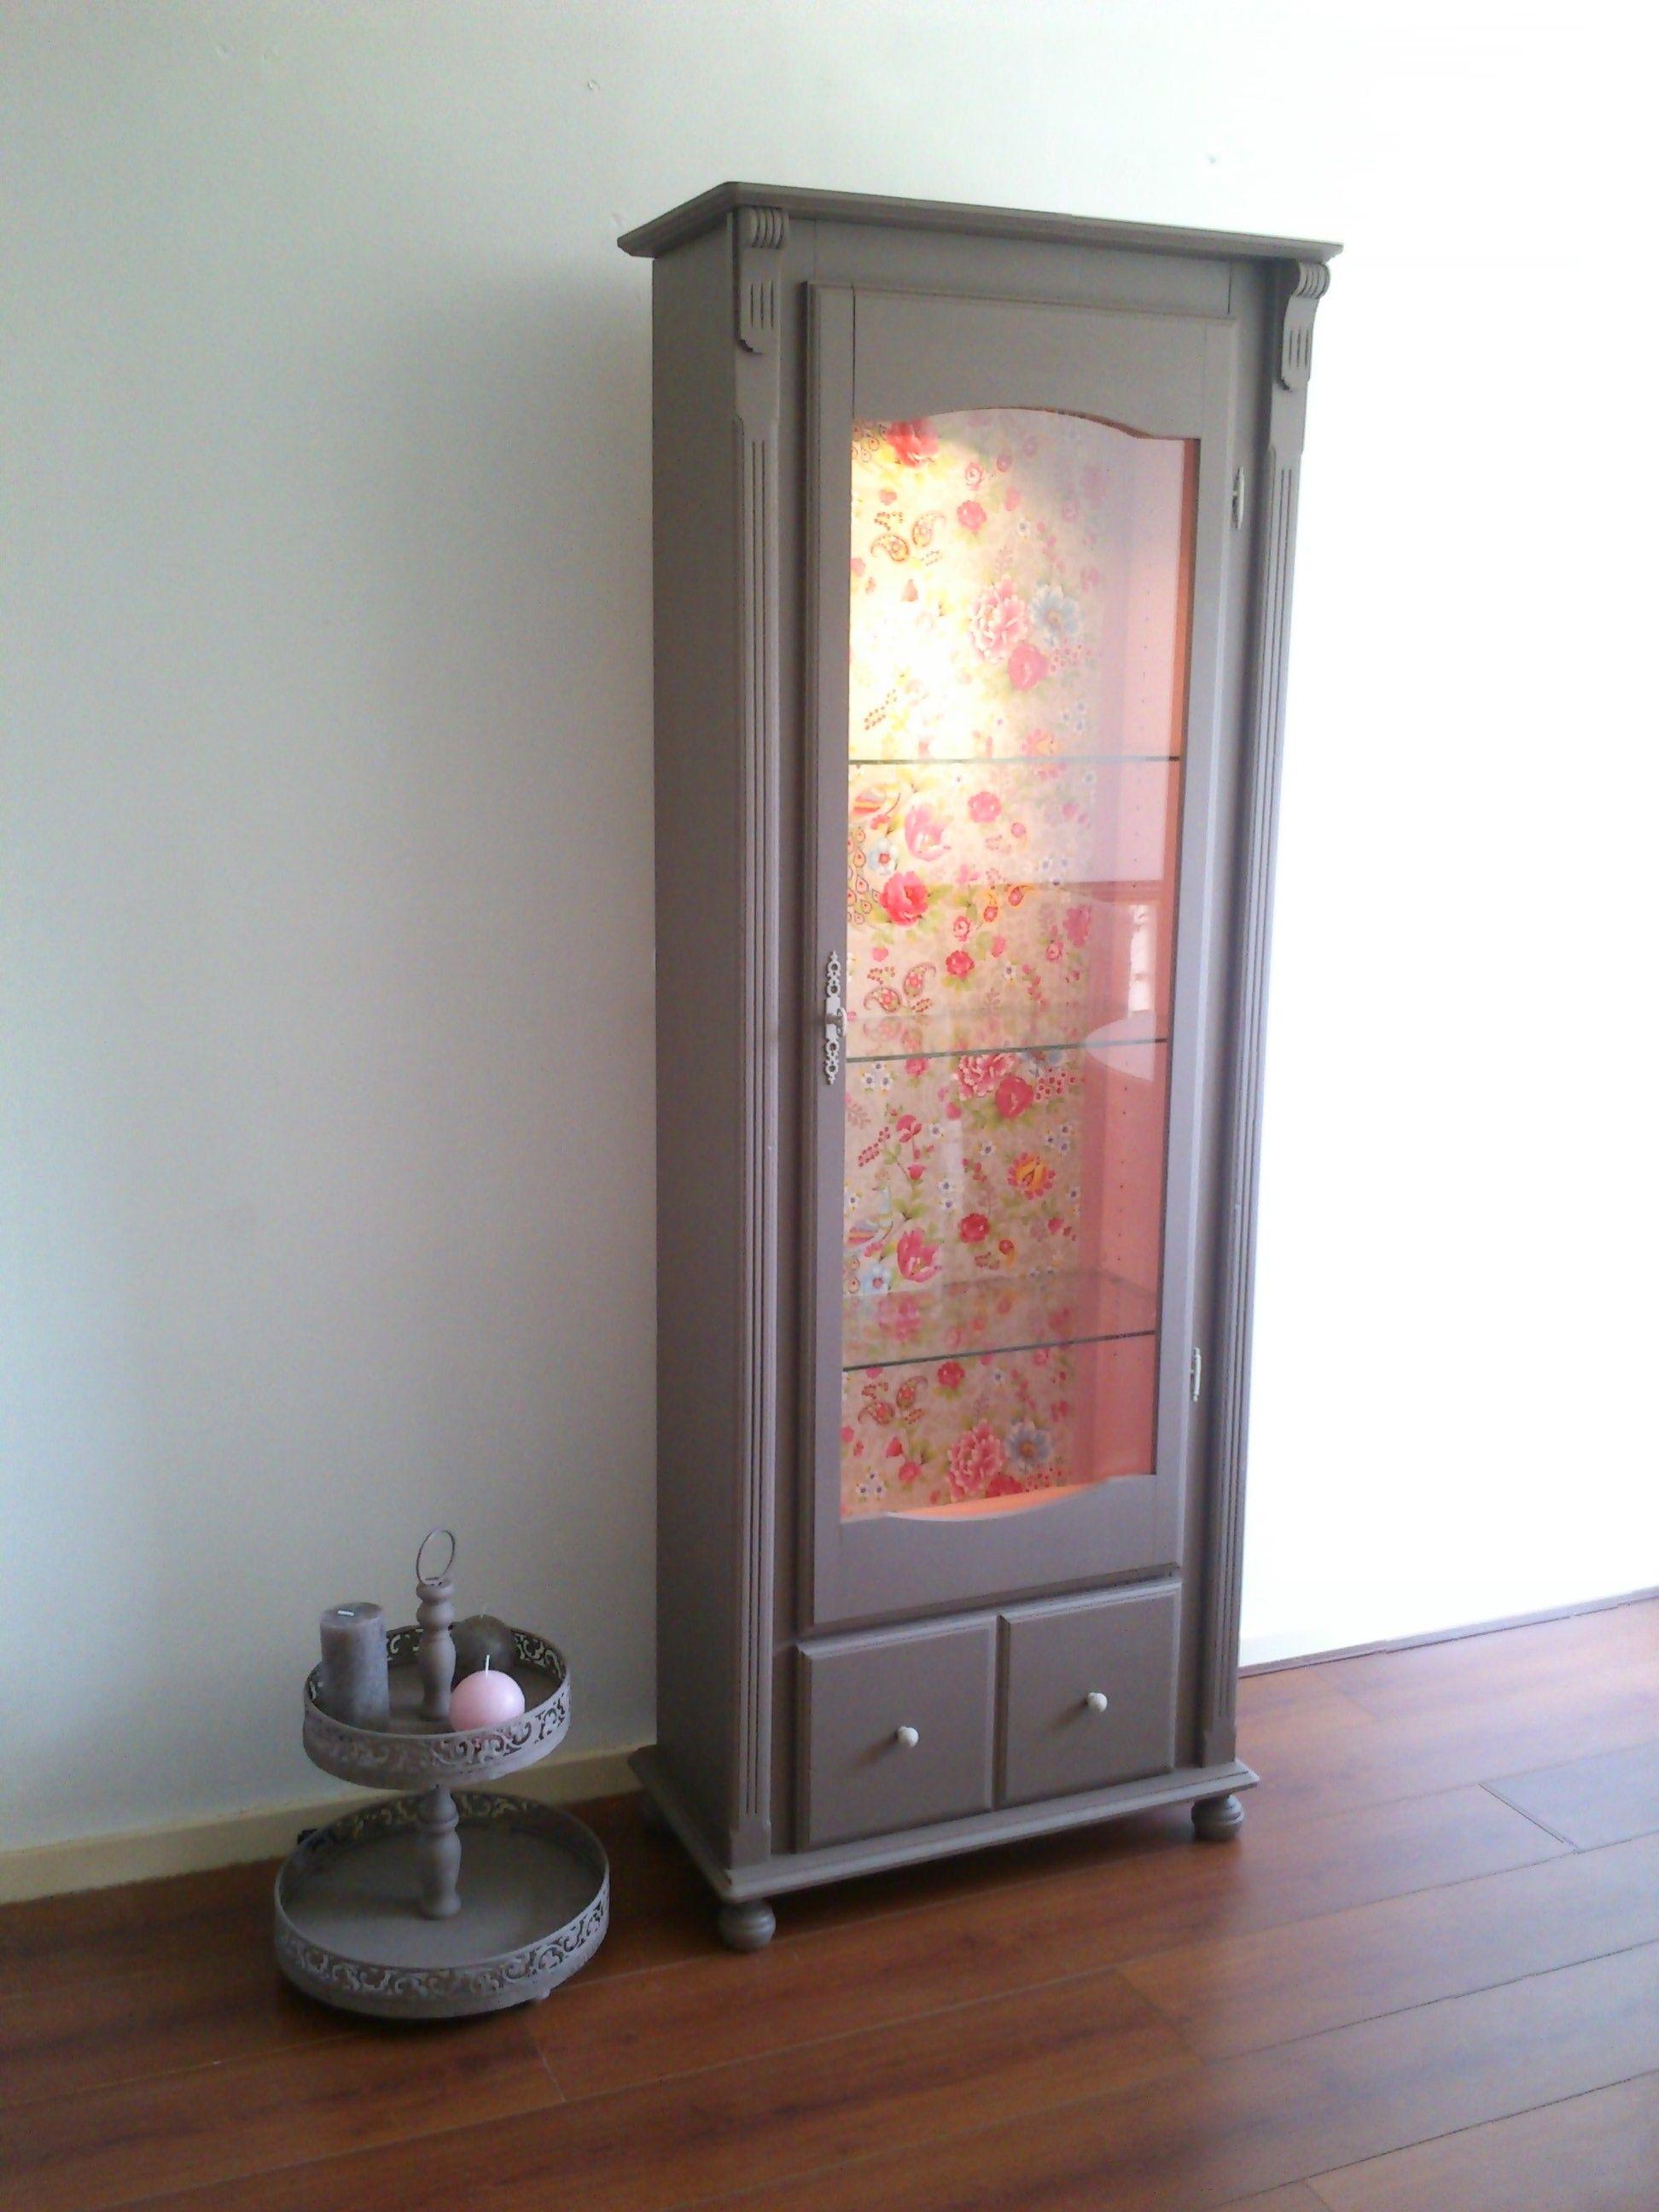 Vitrine kast met verlichting in taupe kleur met pip flower behang bekleed gerestylde meubels - Kleur taupe ...